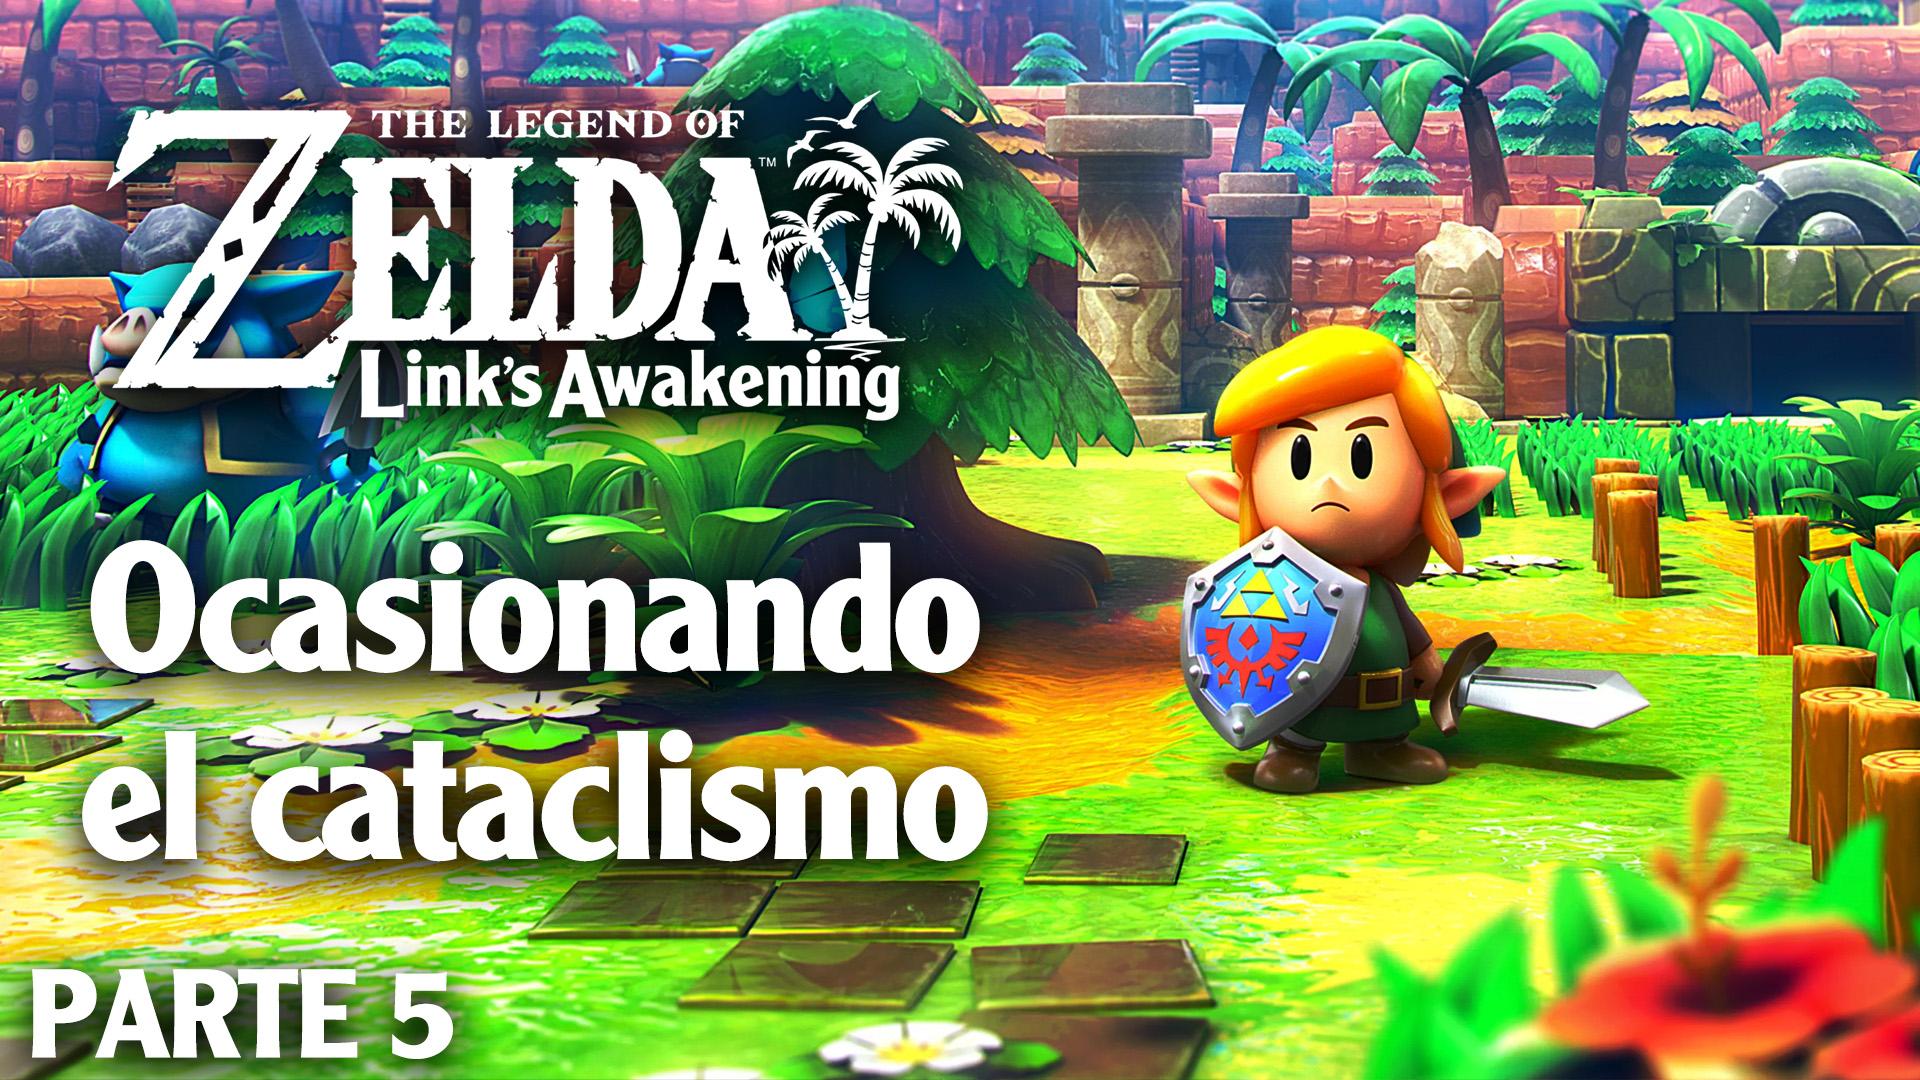 Serie The Legend of Zelda Link's Awakening #05 – Ocasionando el cataclismo